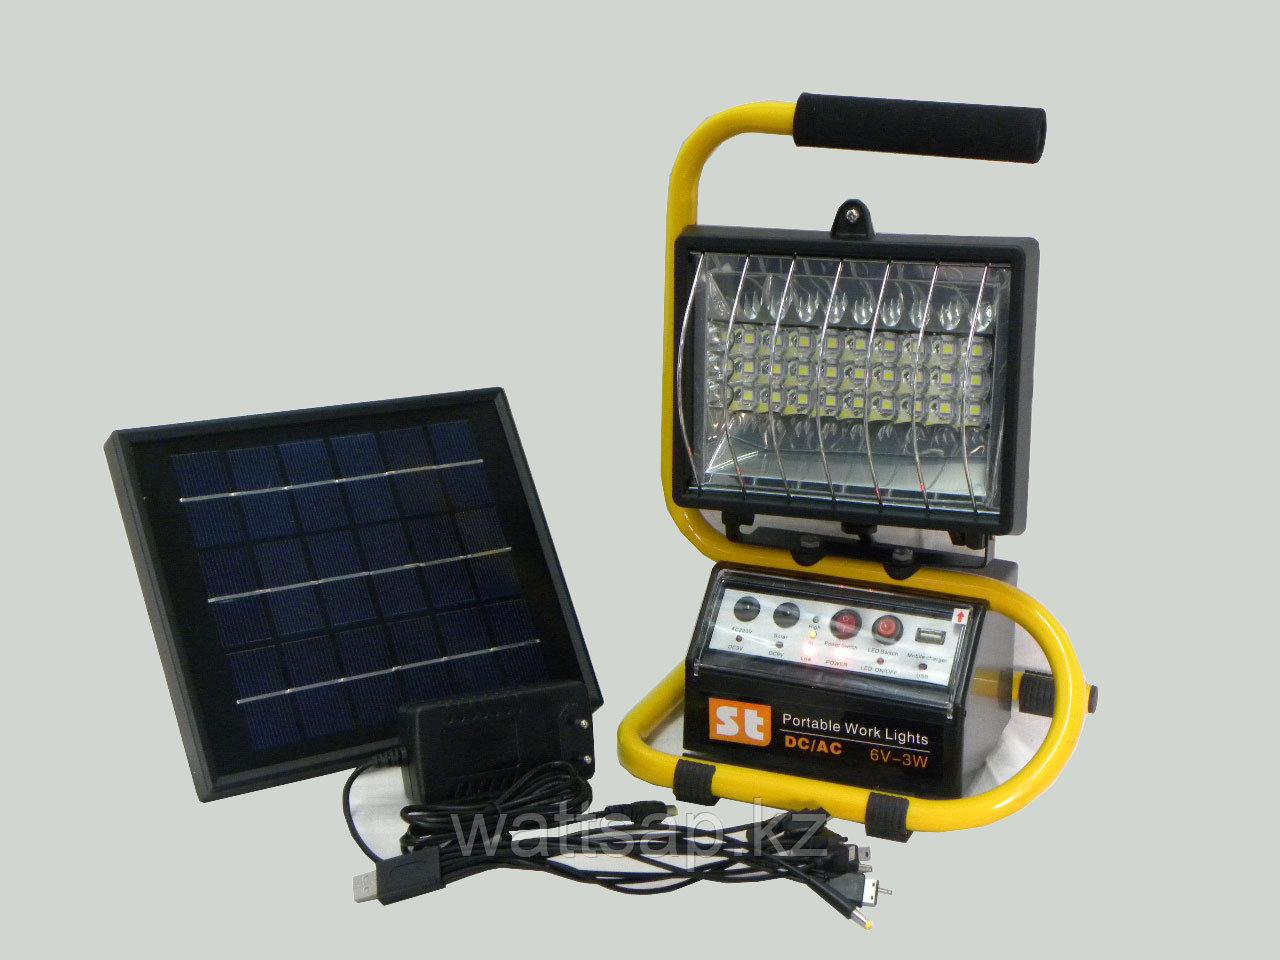 Солнечная мини-электростанция со светодиодным прожектором